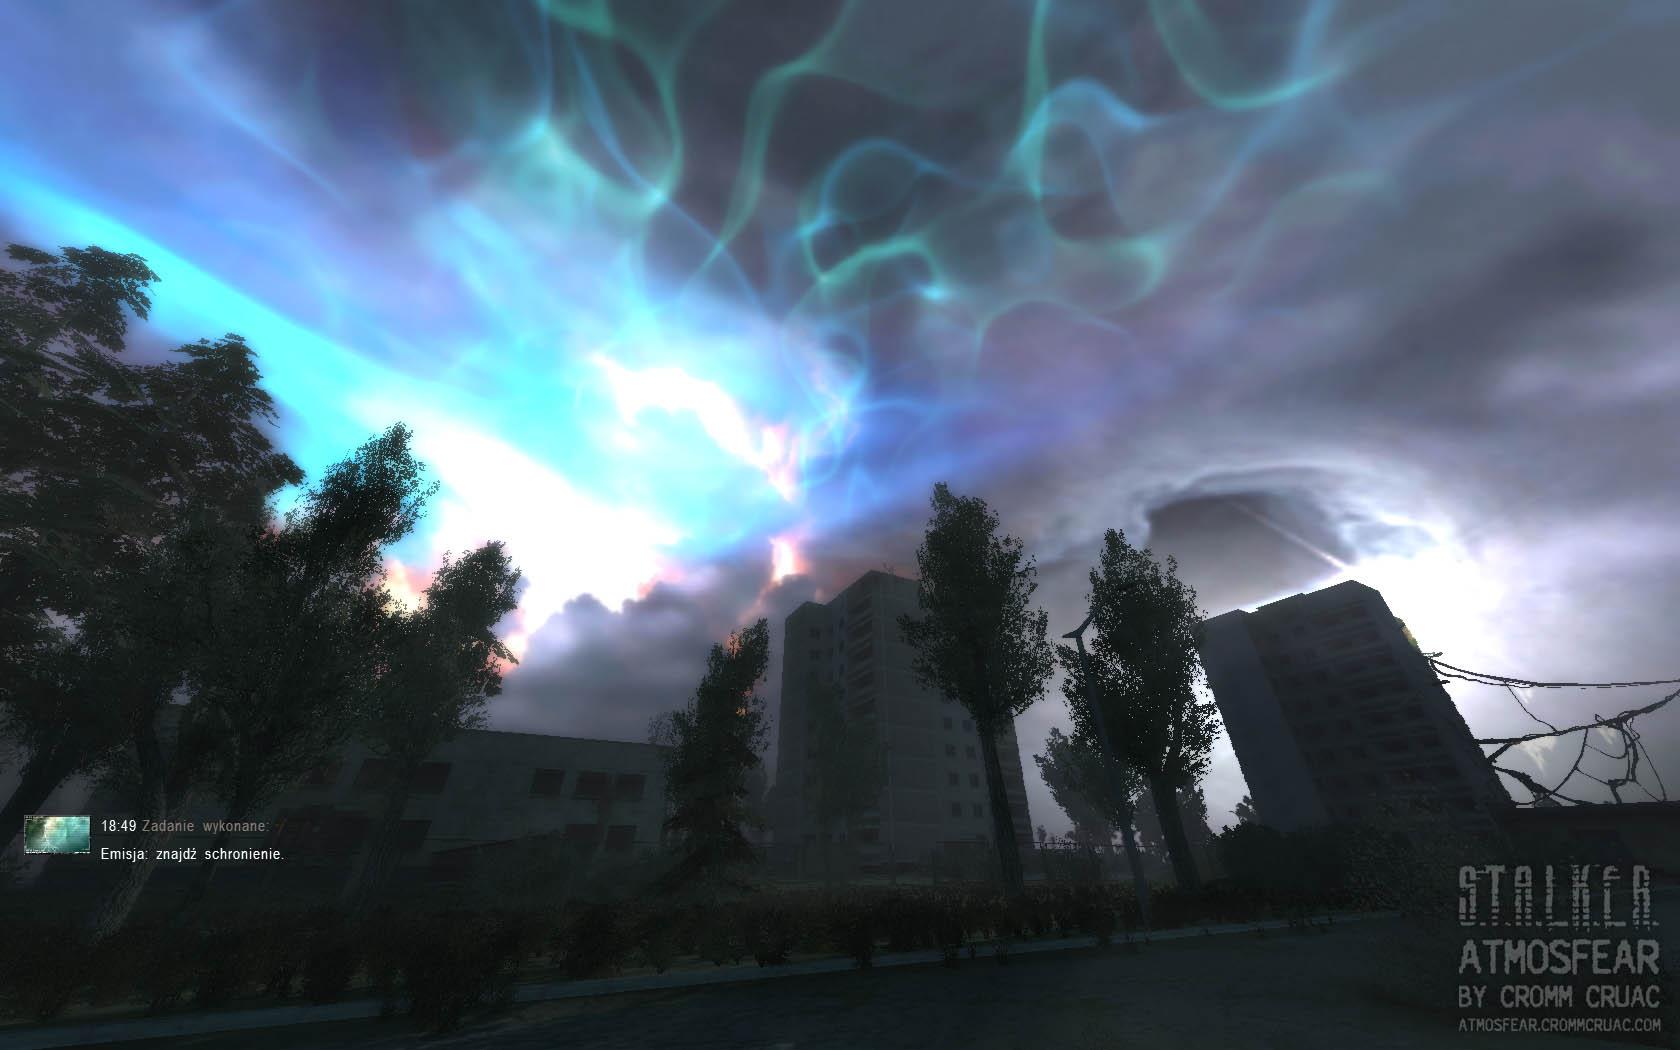 atmosfear_cp_1-2_24.jpg